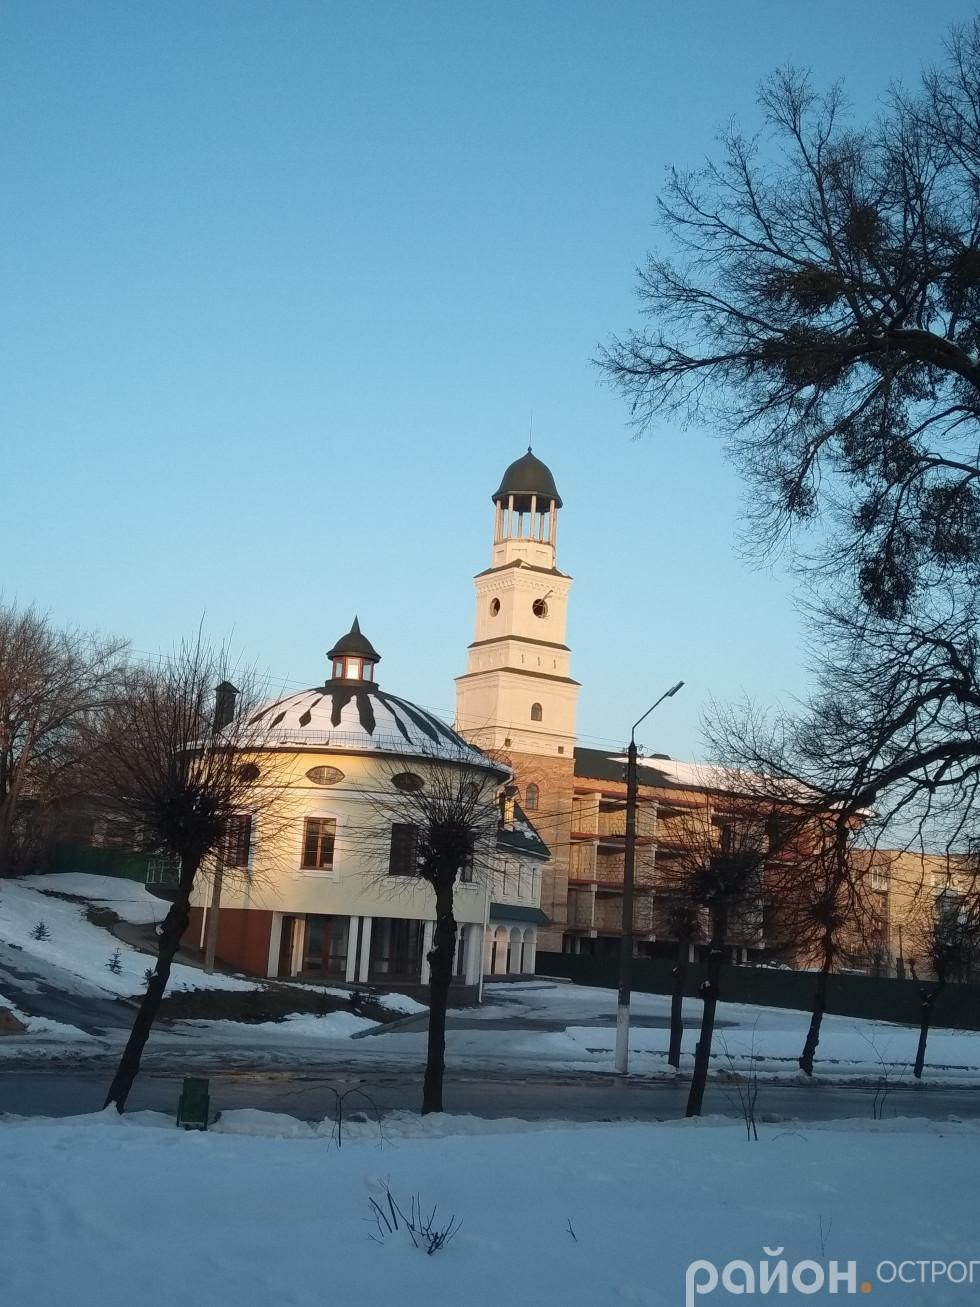 Новий корпус Острозької академії